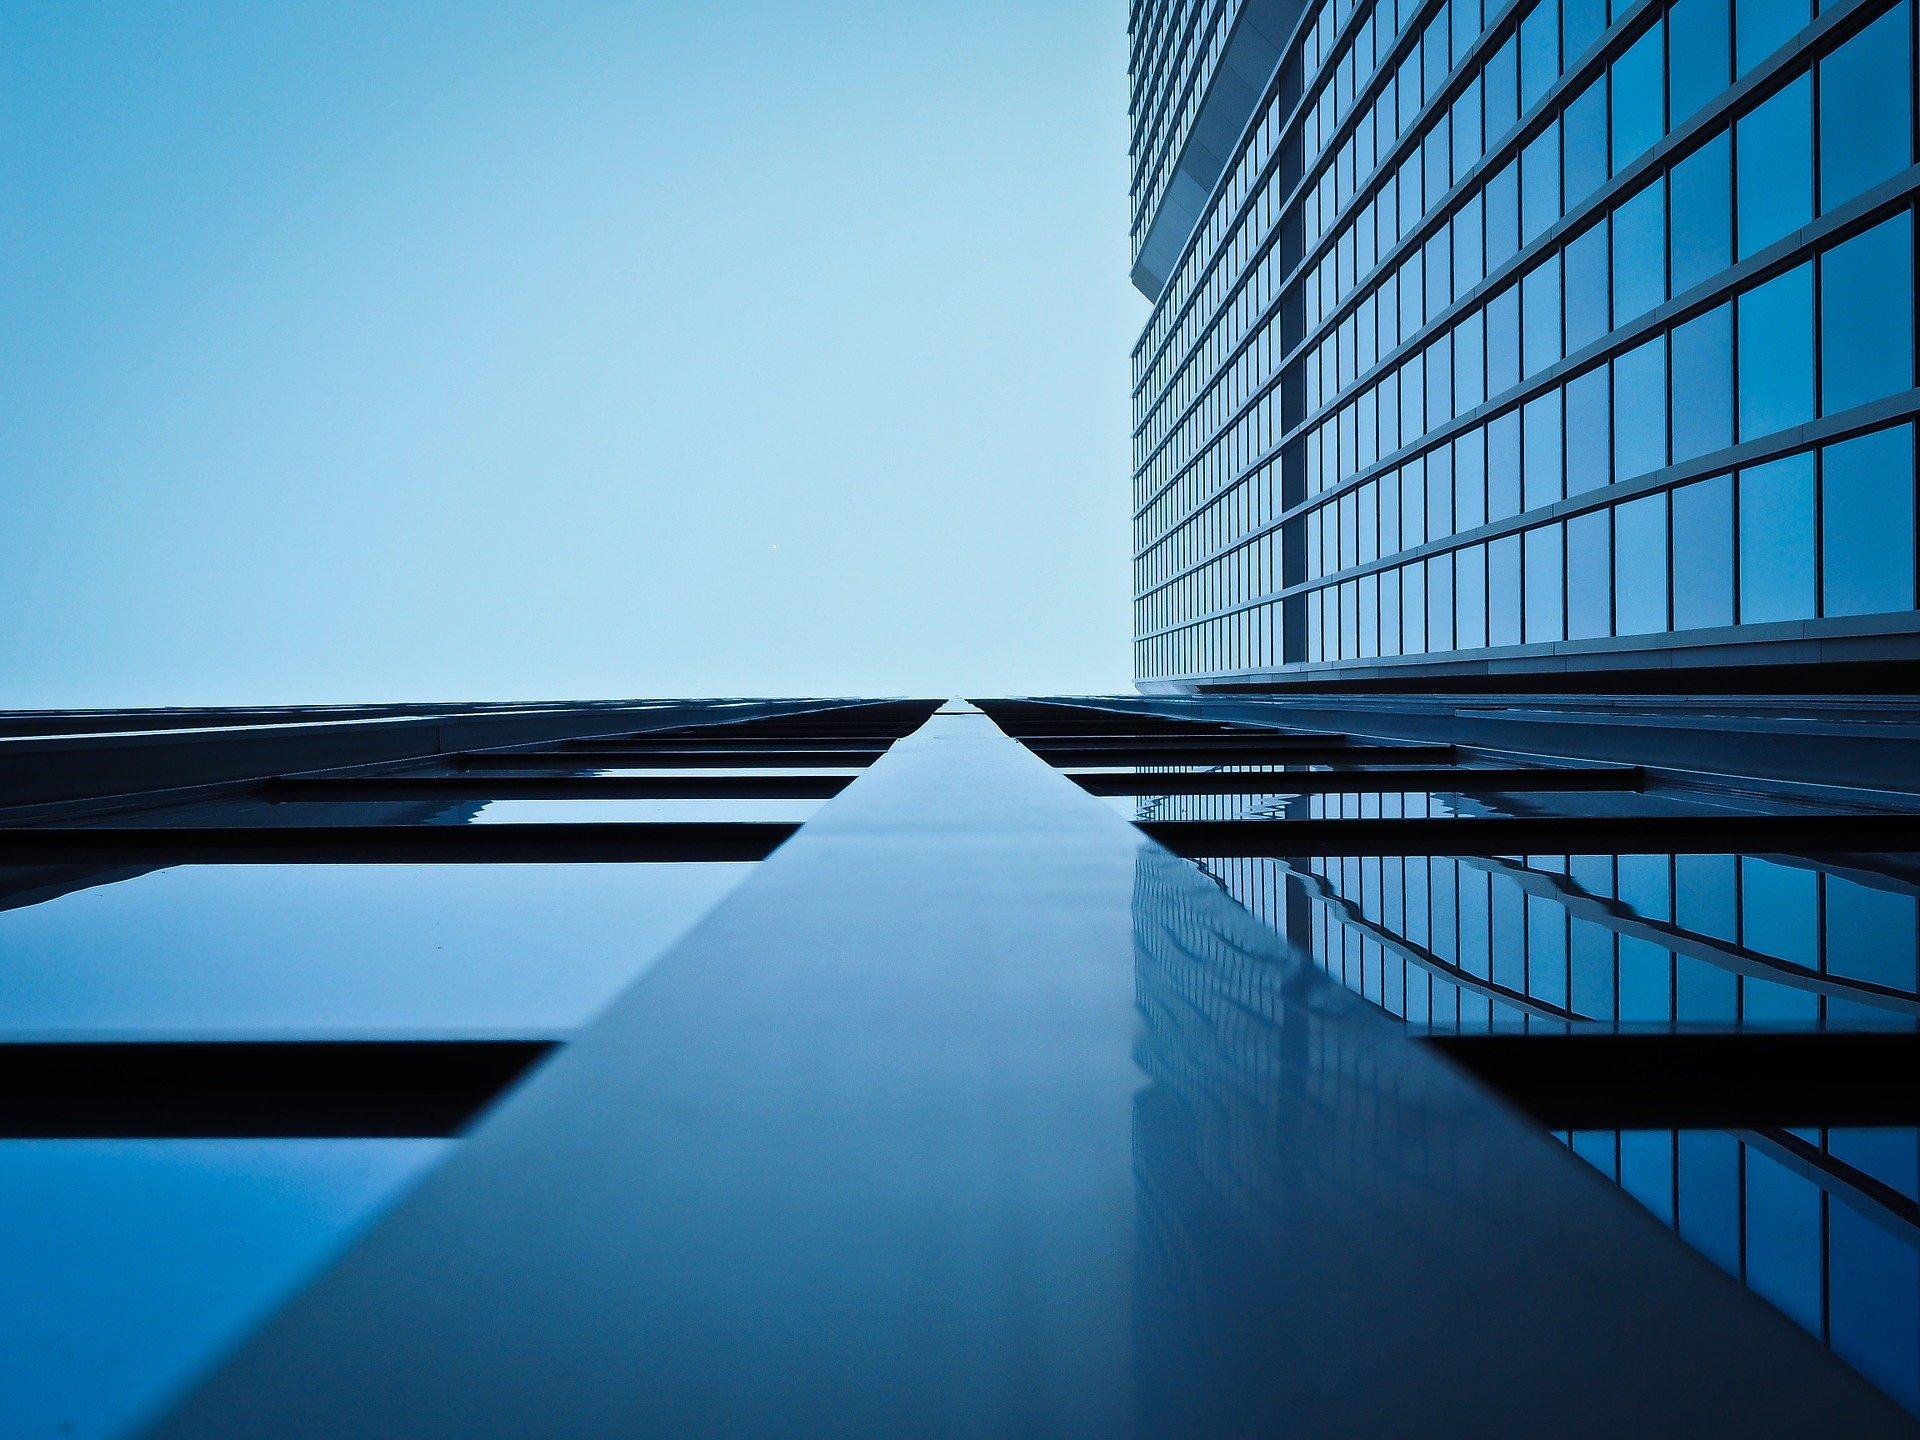 Investimento imobiliário trava no primeiro semestre de 2021